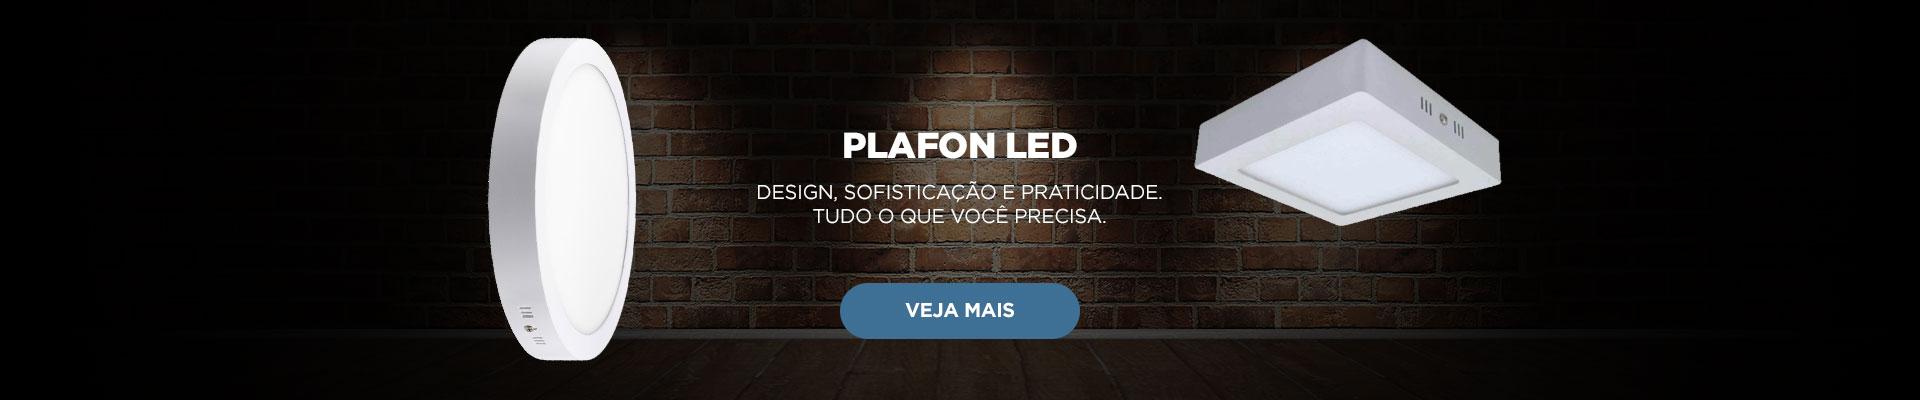 Paflon